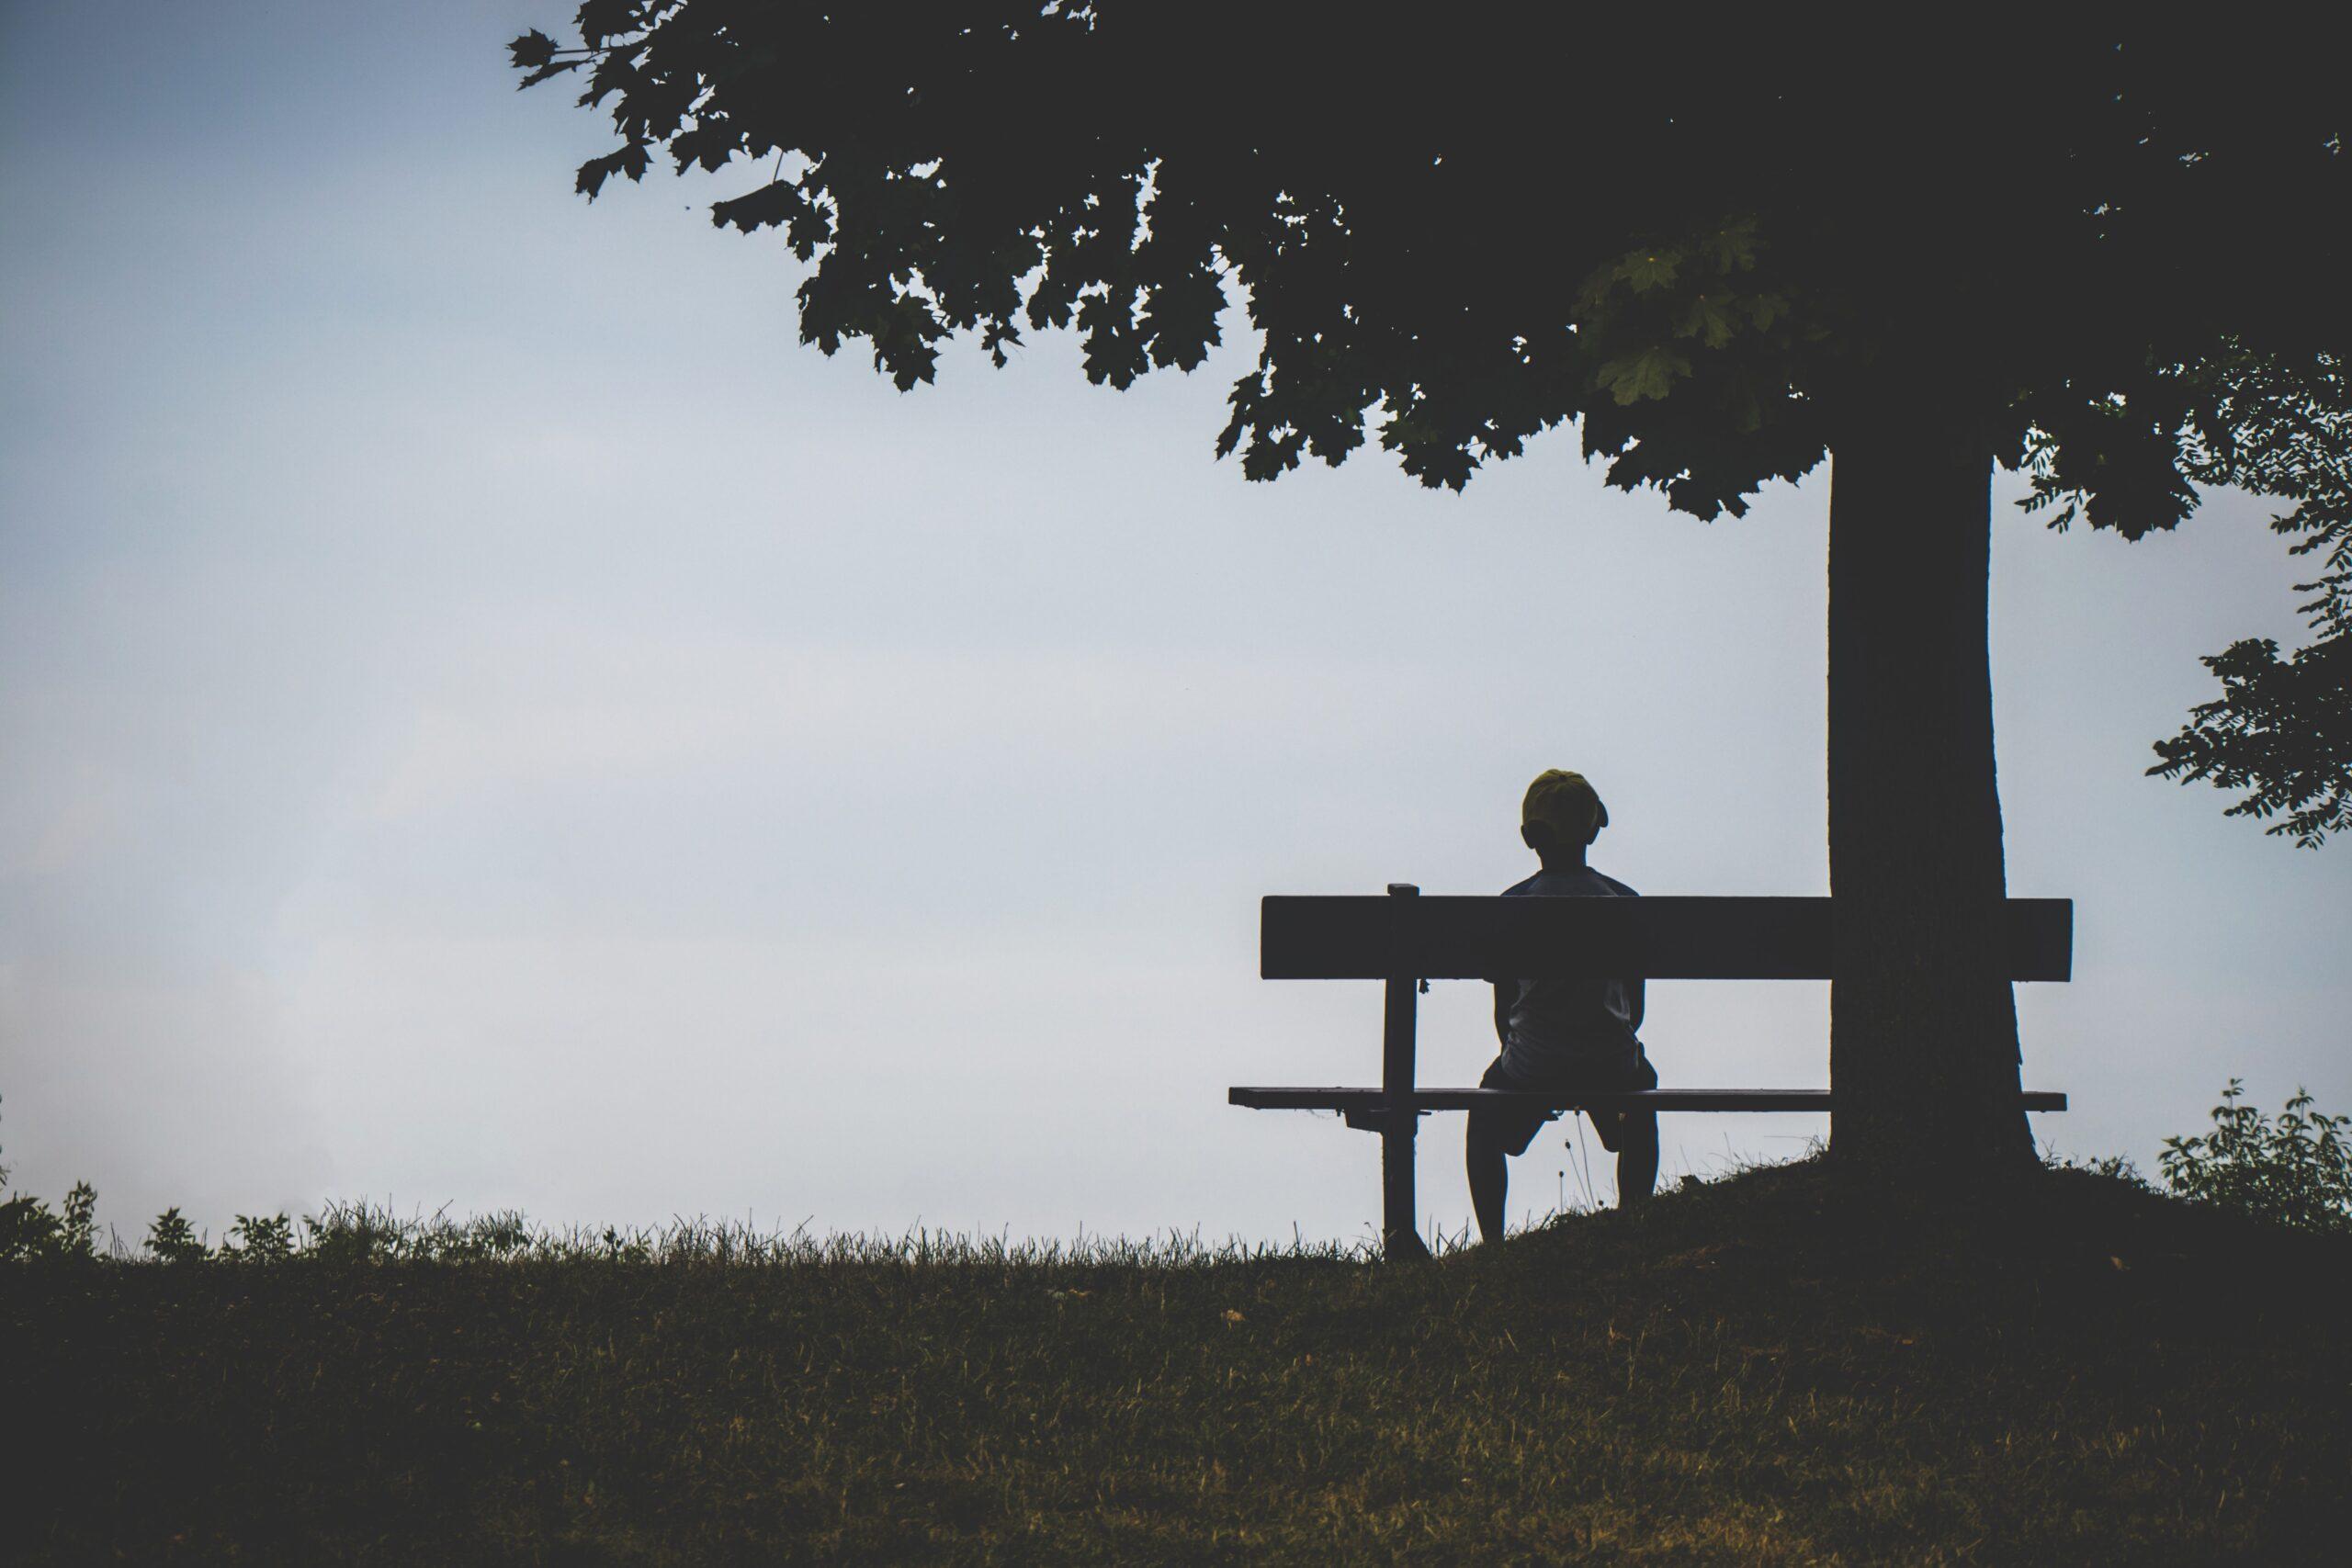 人生に絶望を感じている男性がベンチに座っている画像